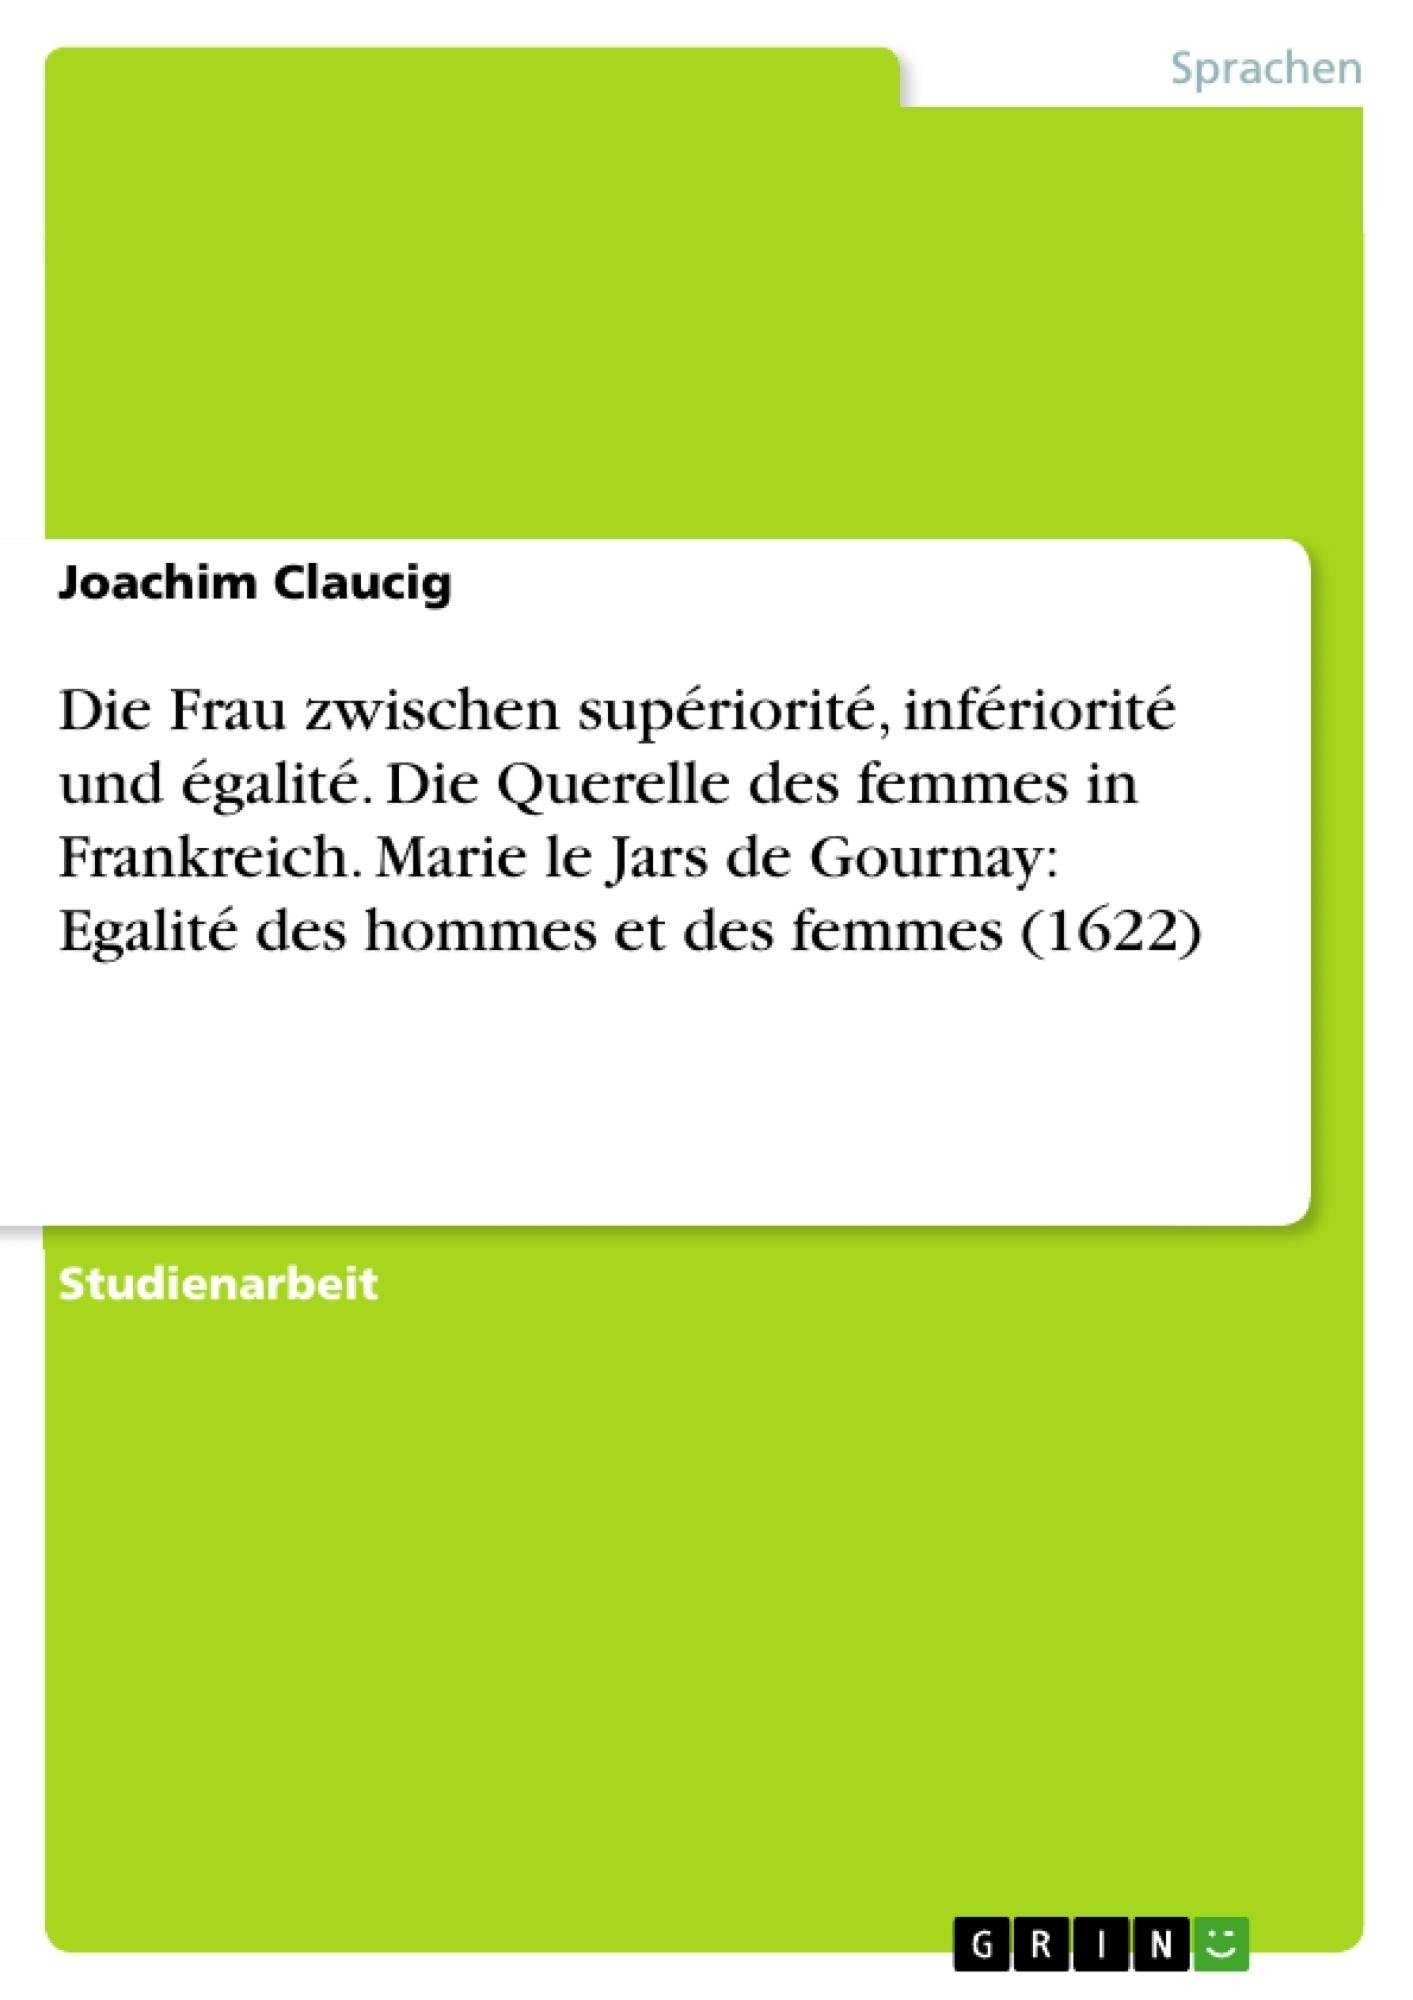 Titel: Die Frau zwischen supériorité, infériorité und égalité. Die Querelle des femmes in Frankreich. Marie le Jars de Gournay: Egalité des hommes et des femmes (1622)